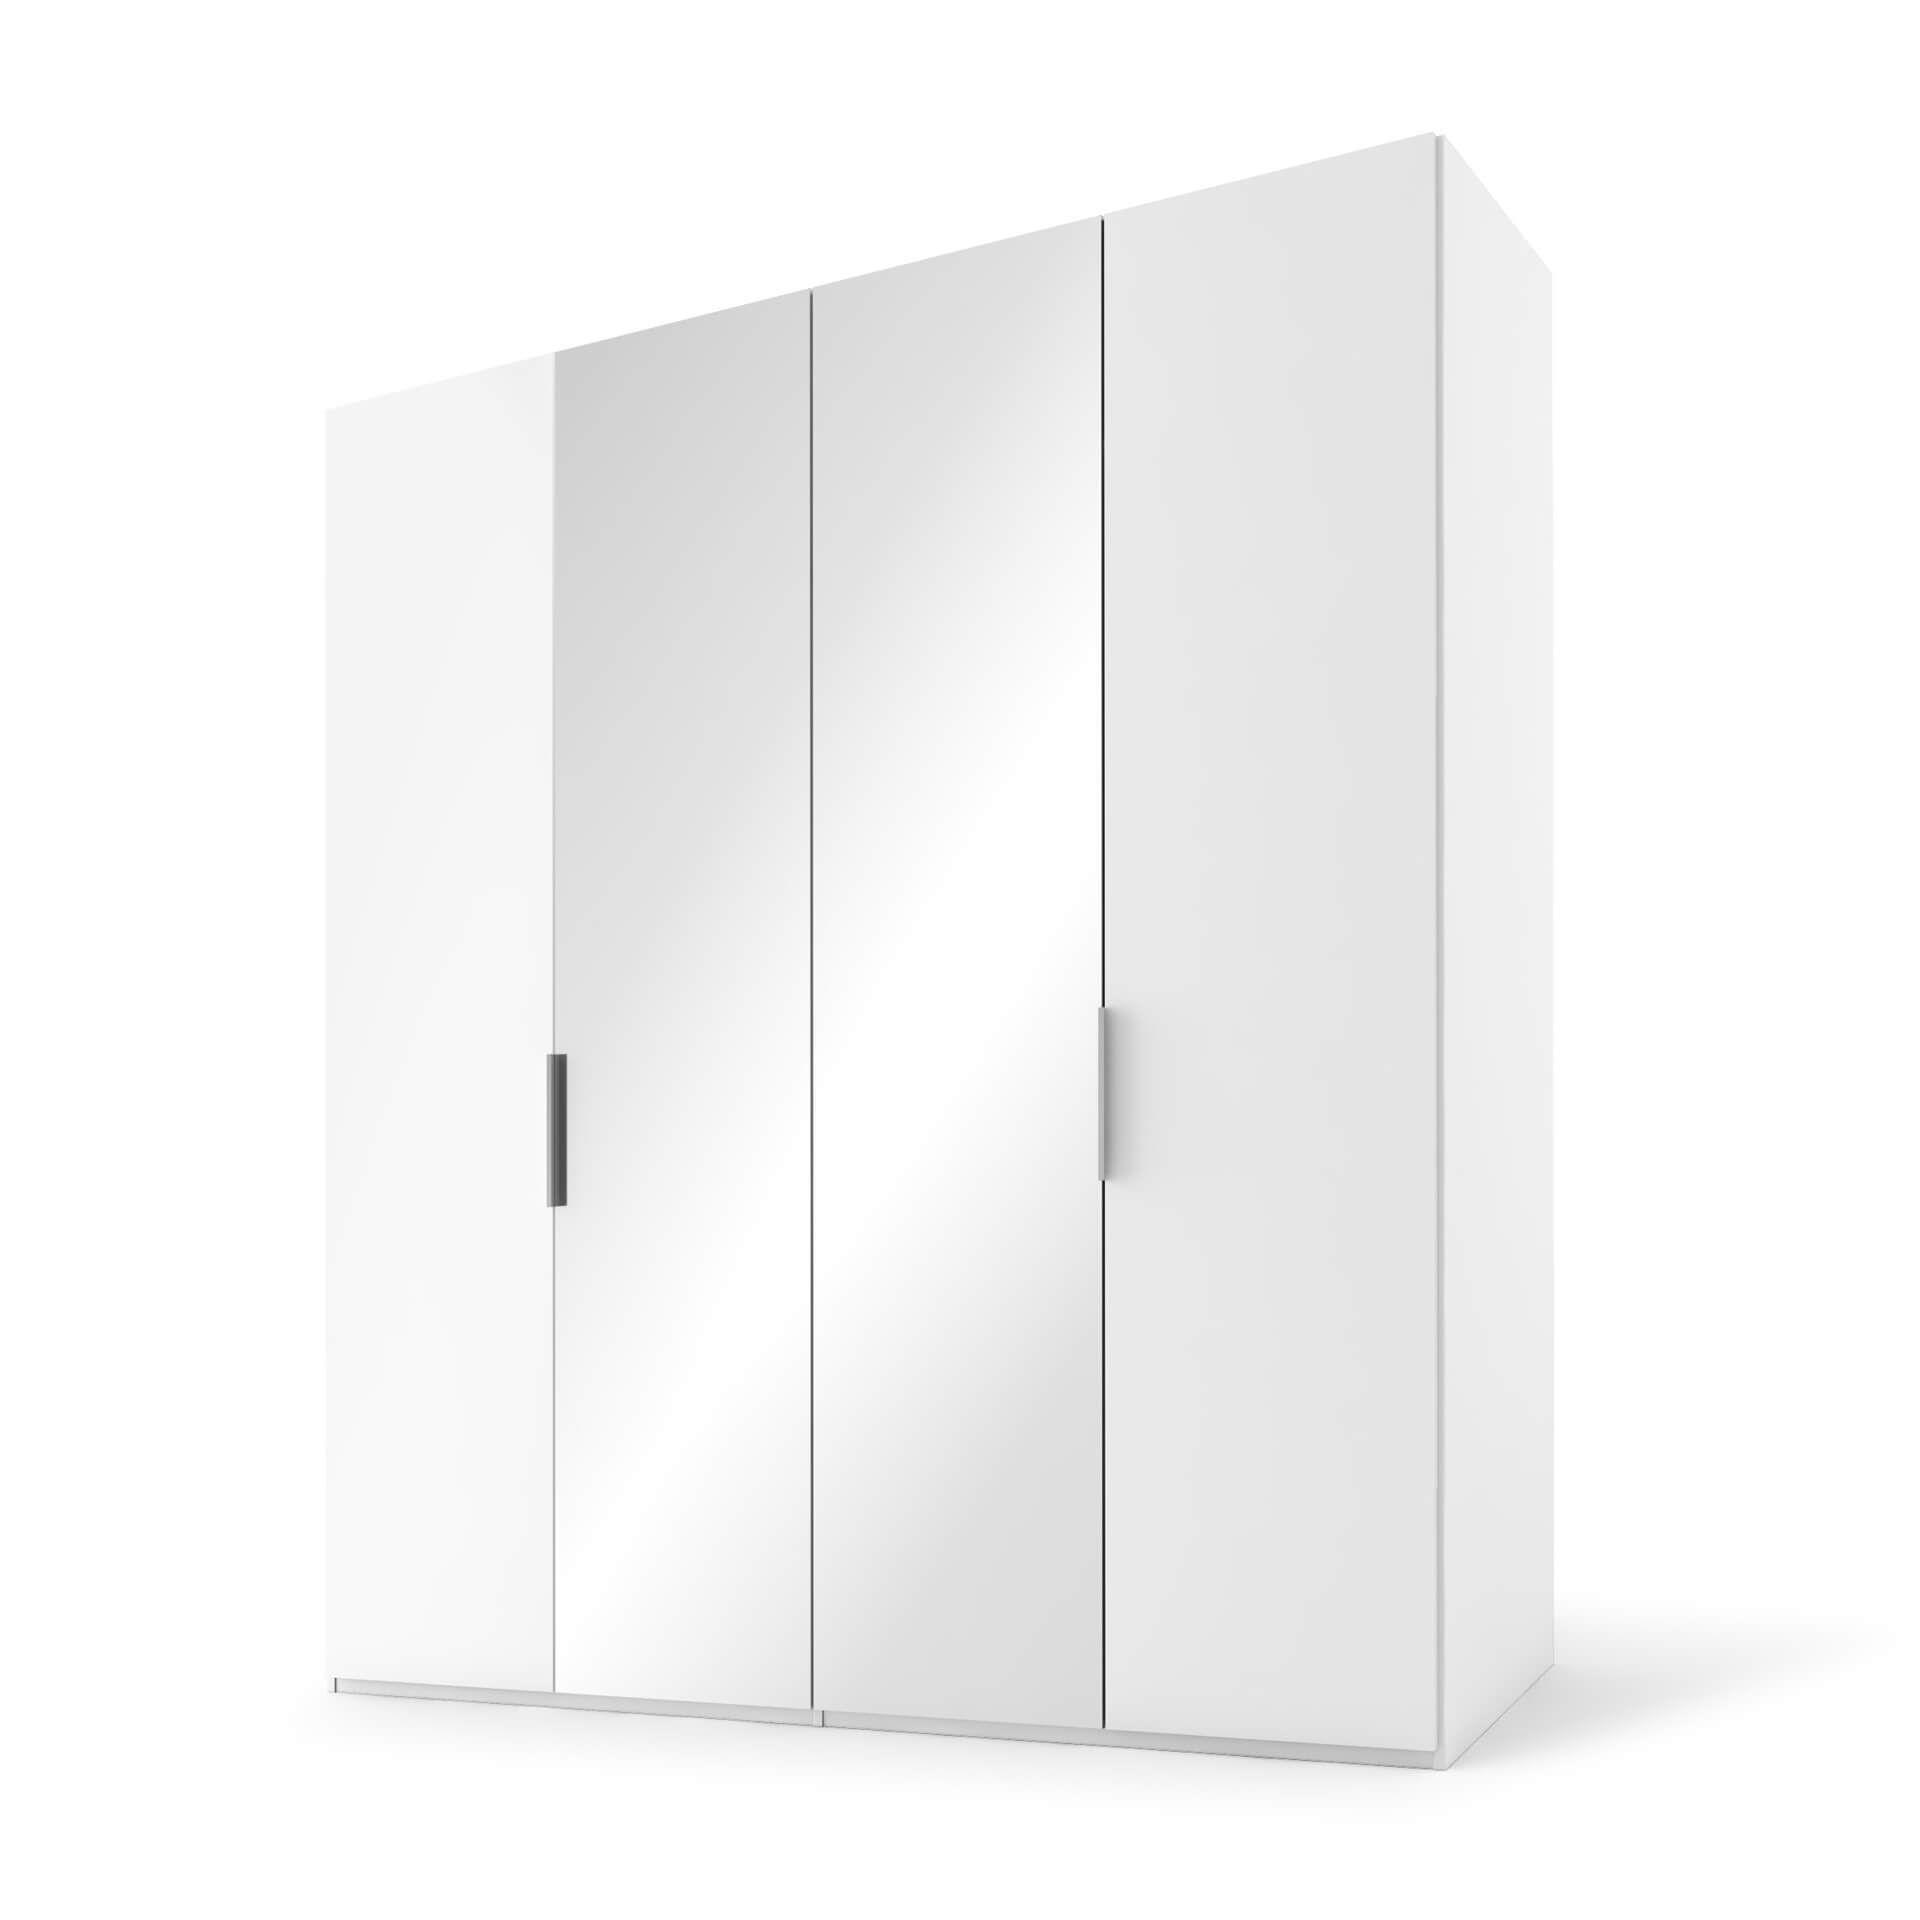 Nolte swift Draaideurkast - 4 deurs Poolwit met sp